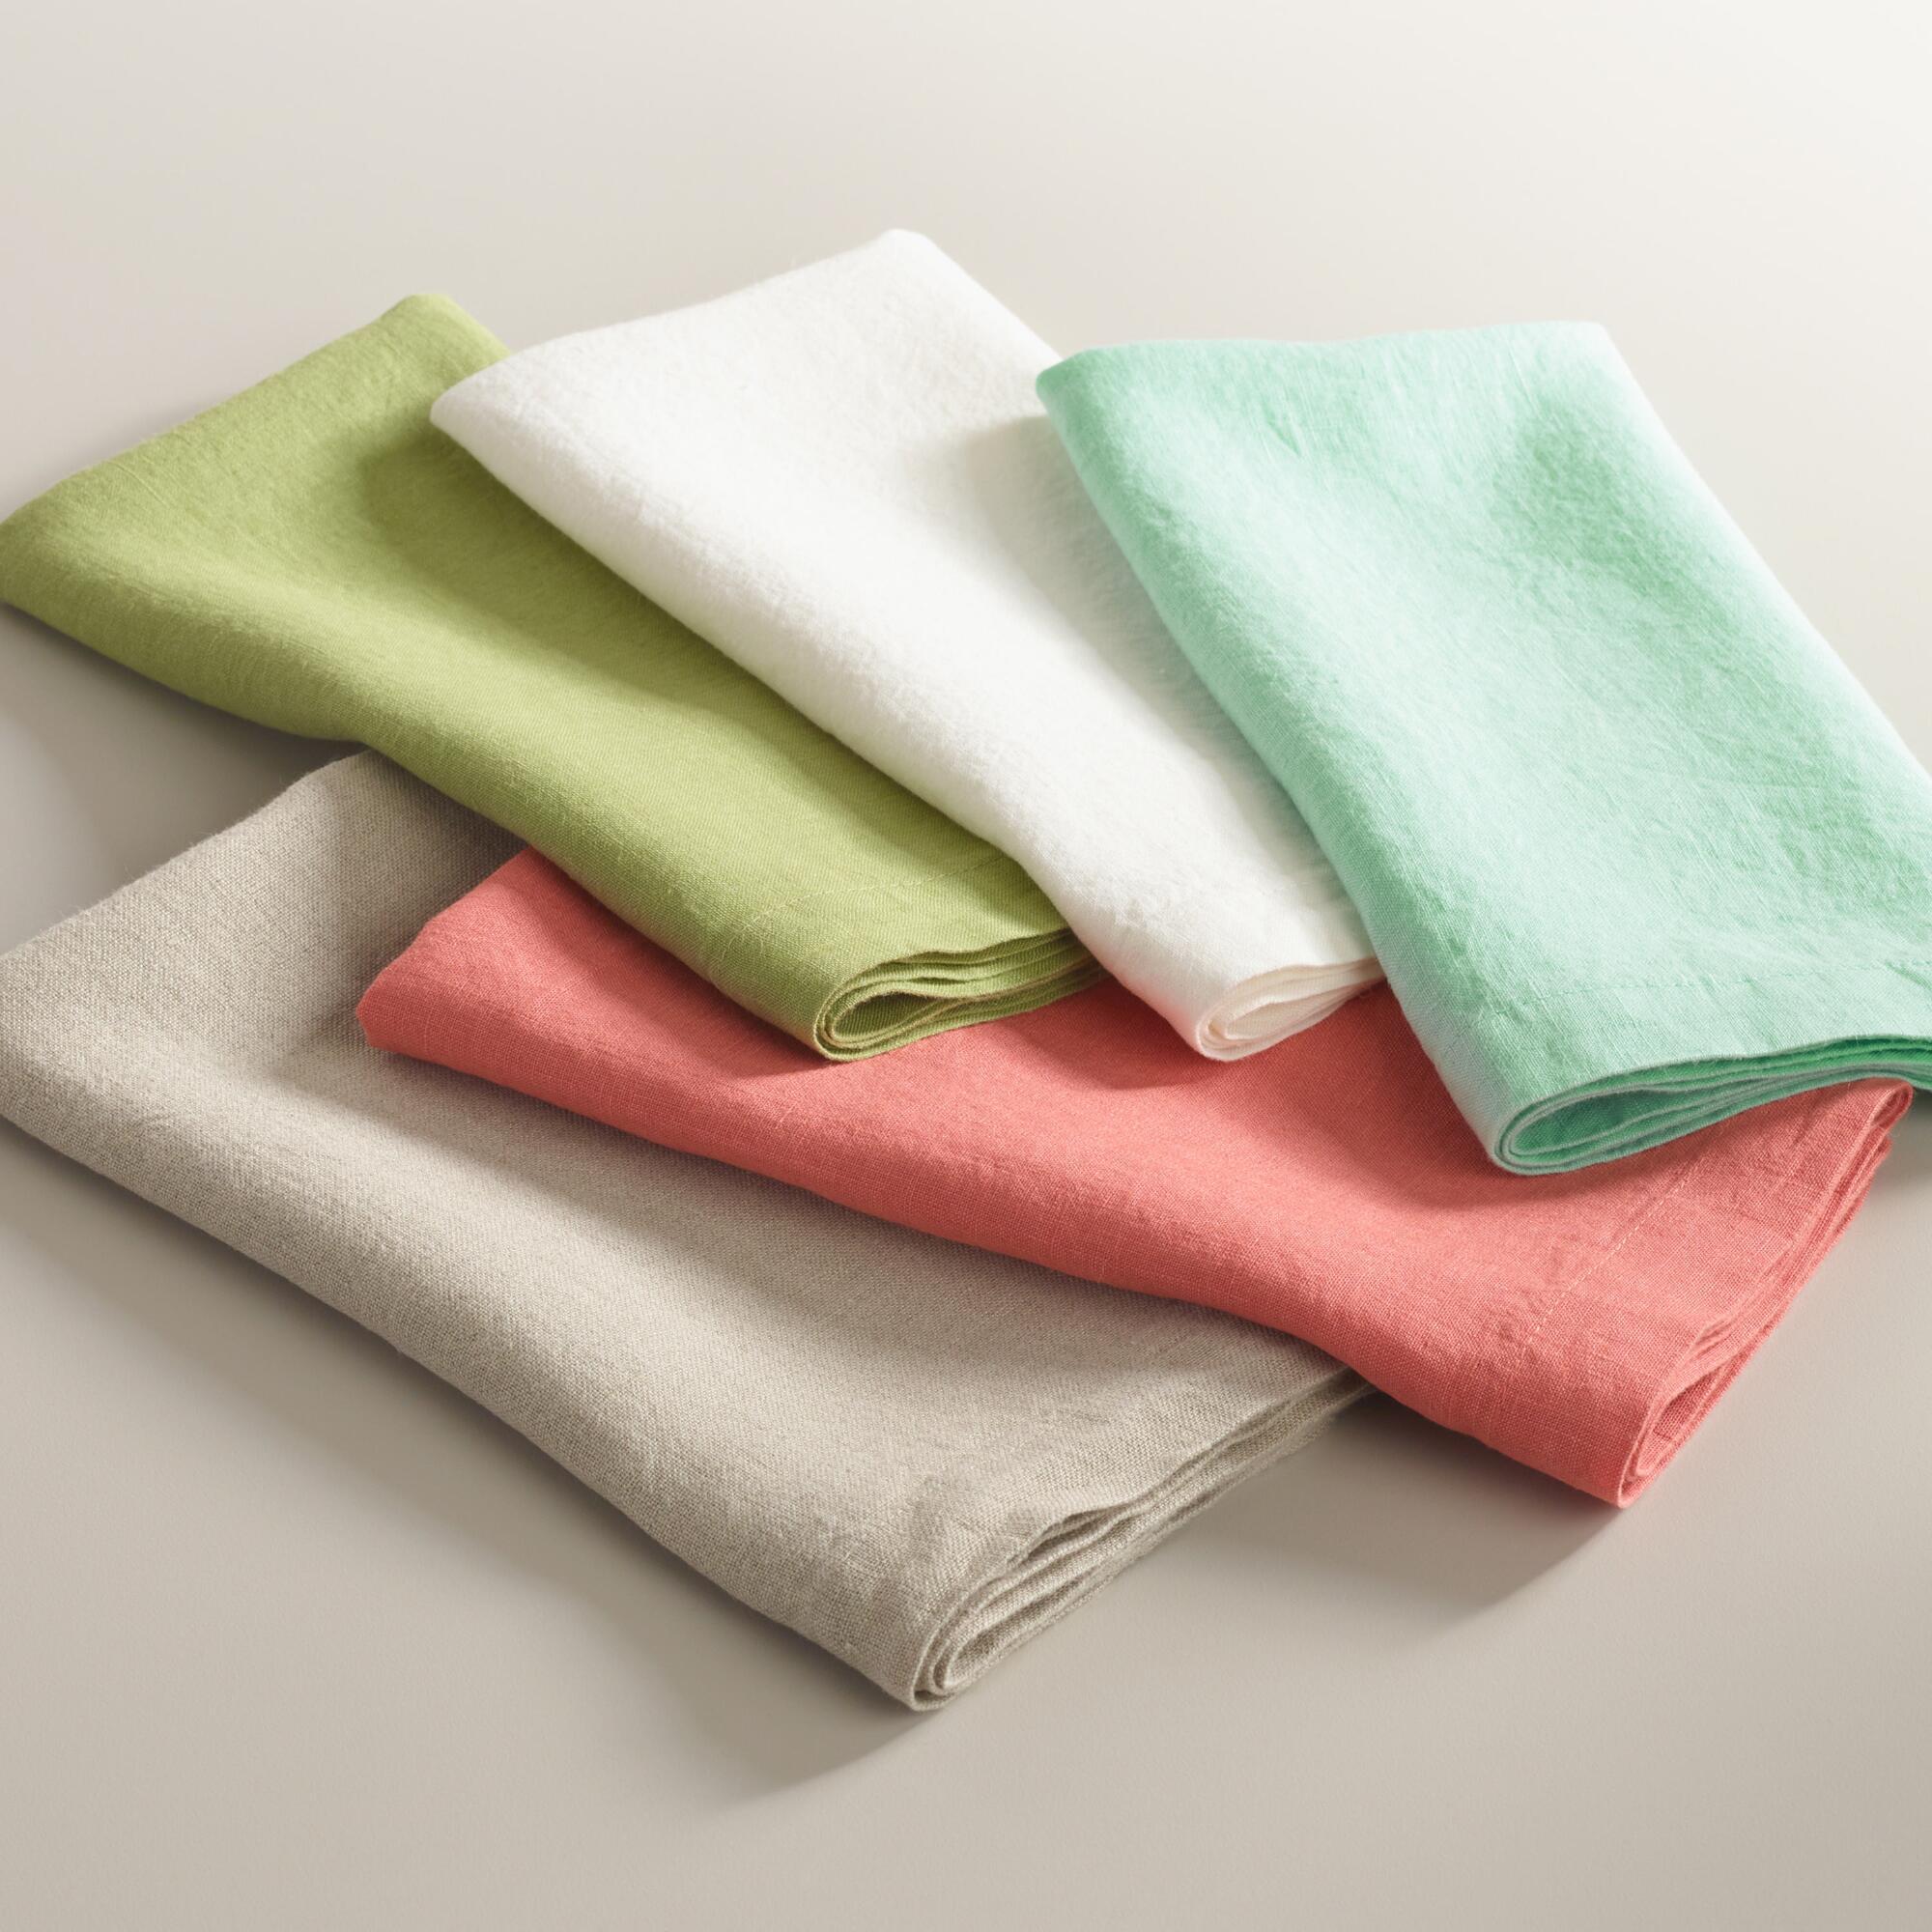 Natural 100% Linen Napkins Set of 4 | World Market